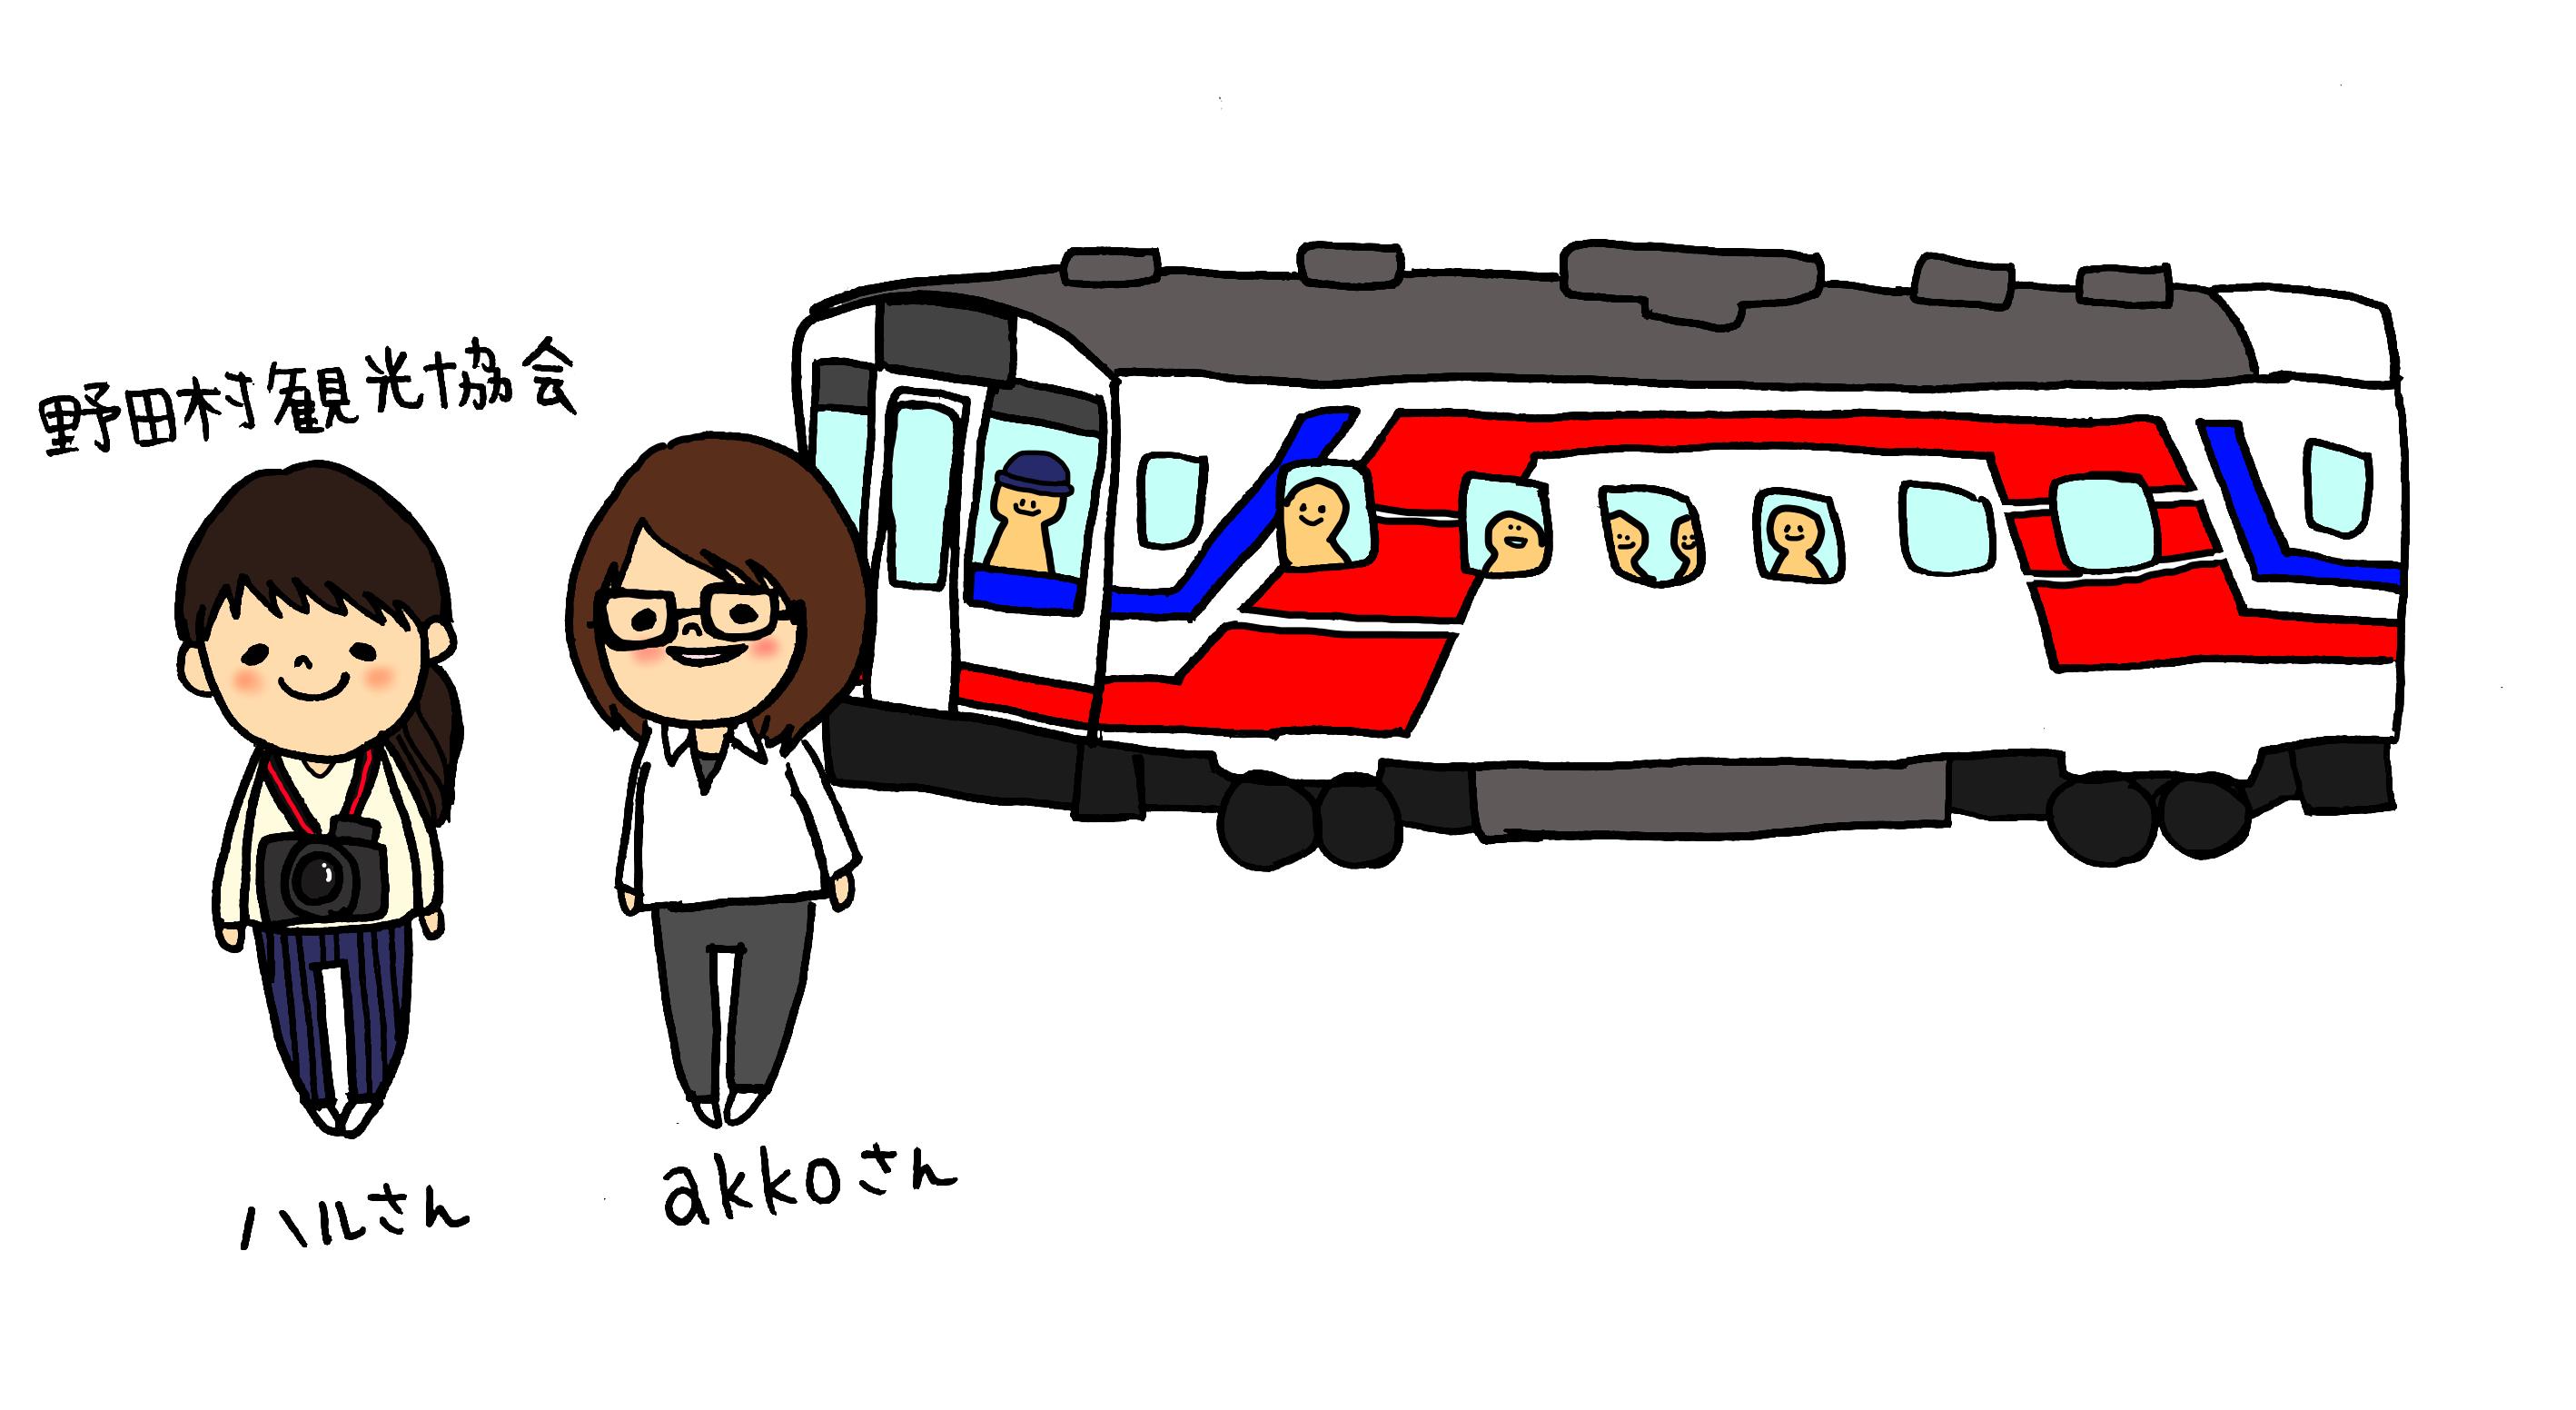 震災学習列車に乗ってお勉強なのだ♪_c0259934_14320139.png